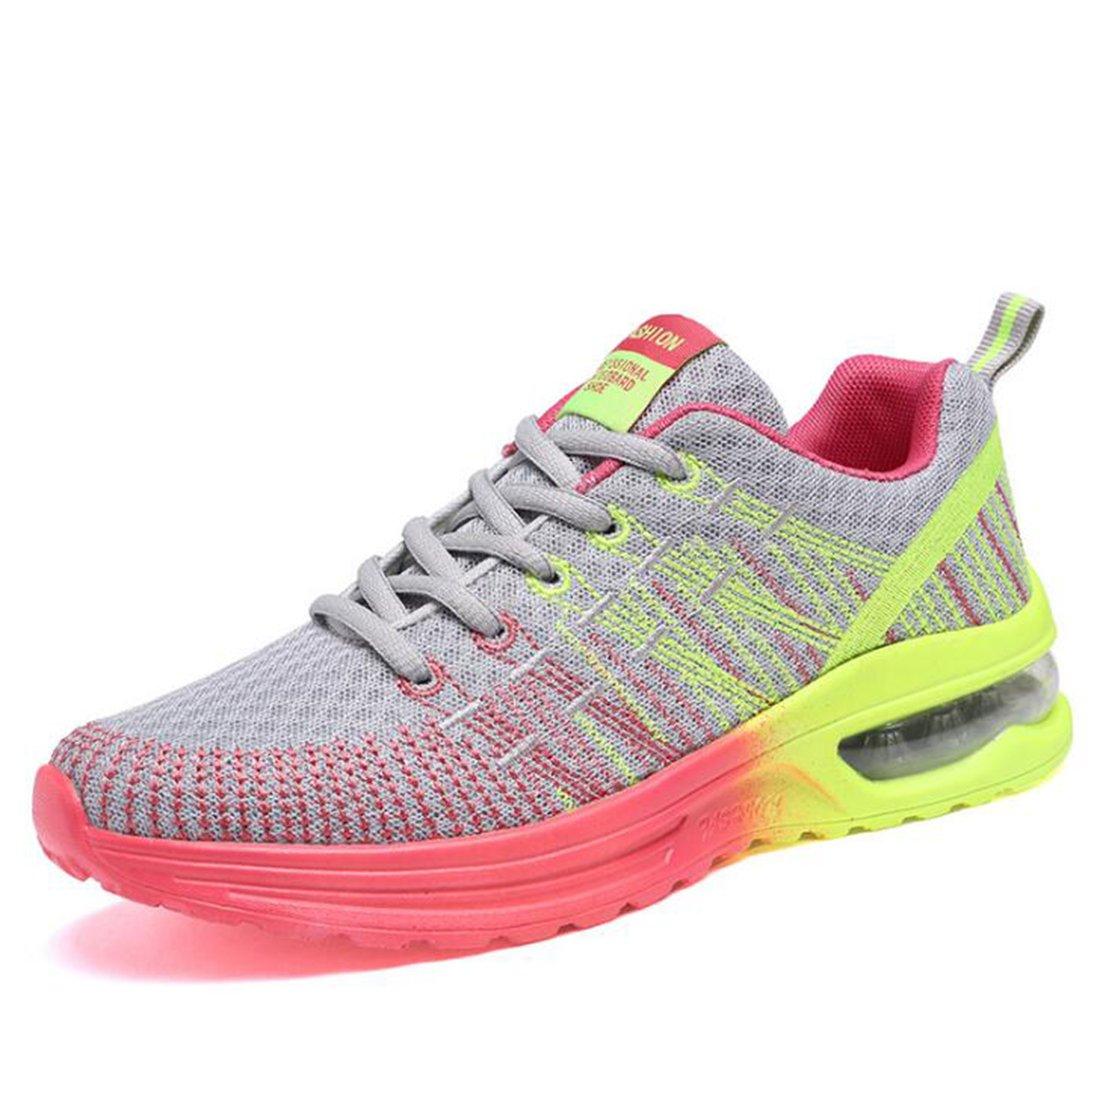 ZHONGST Sneakers Traspiranti da Donna con Ammortizzazione delle Scarpe da Corsa Che Volano su Sneakers Intrecciate 1221SUNY